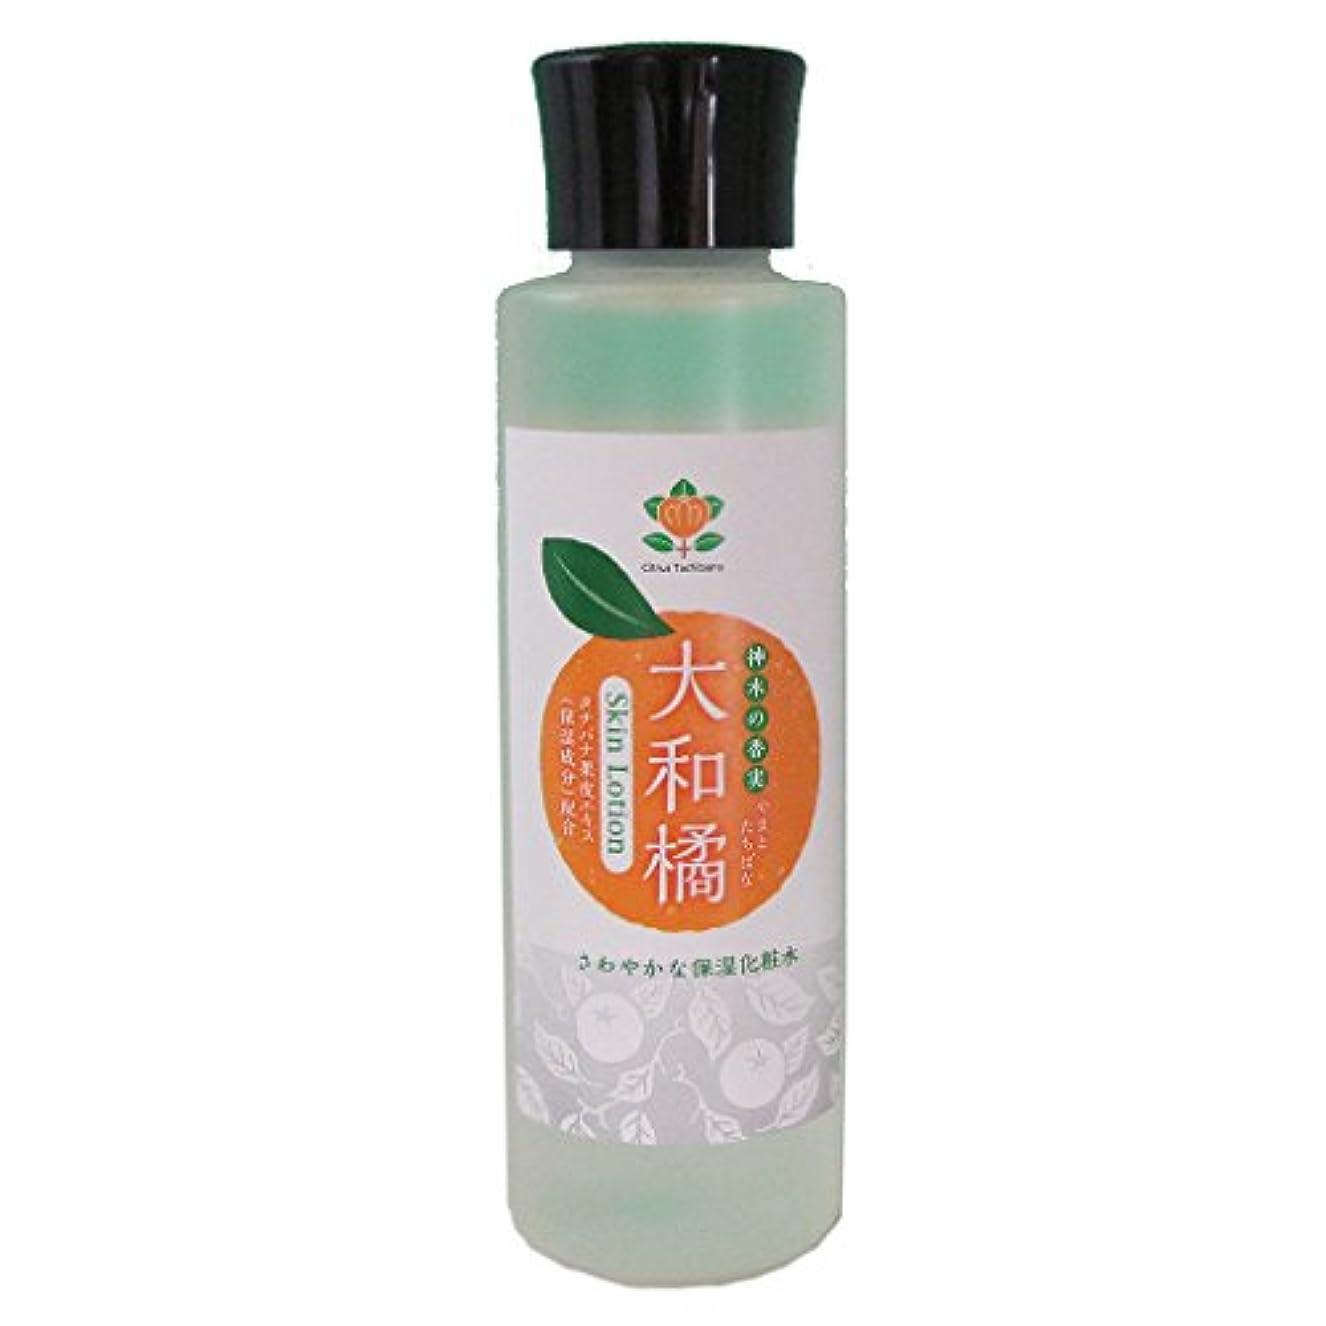 インポートボンドジレンマ神木の果実 大和橘さわやか保湿化粧水 150ml